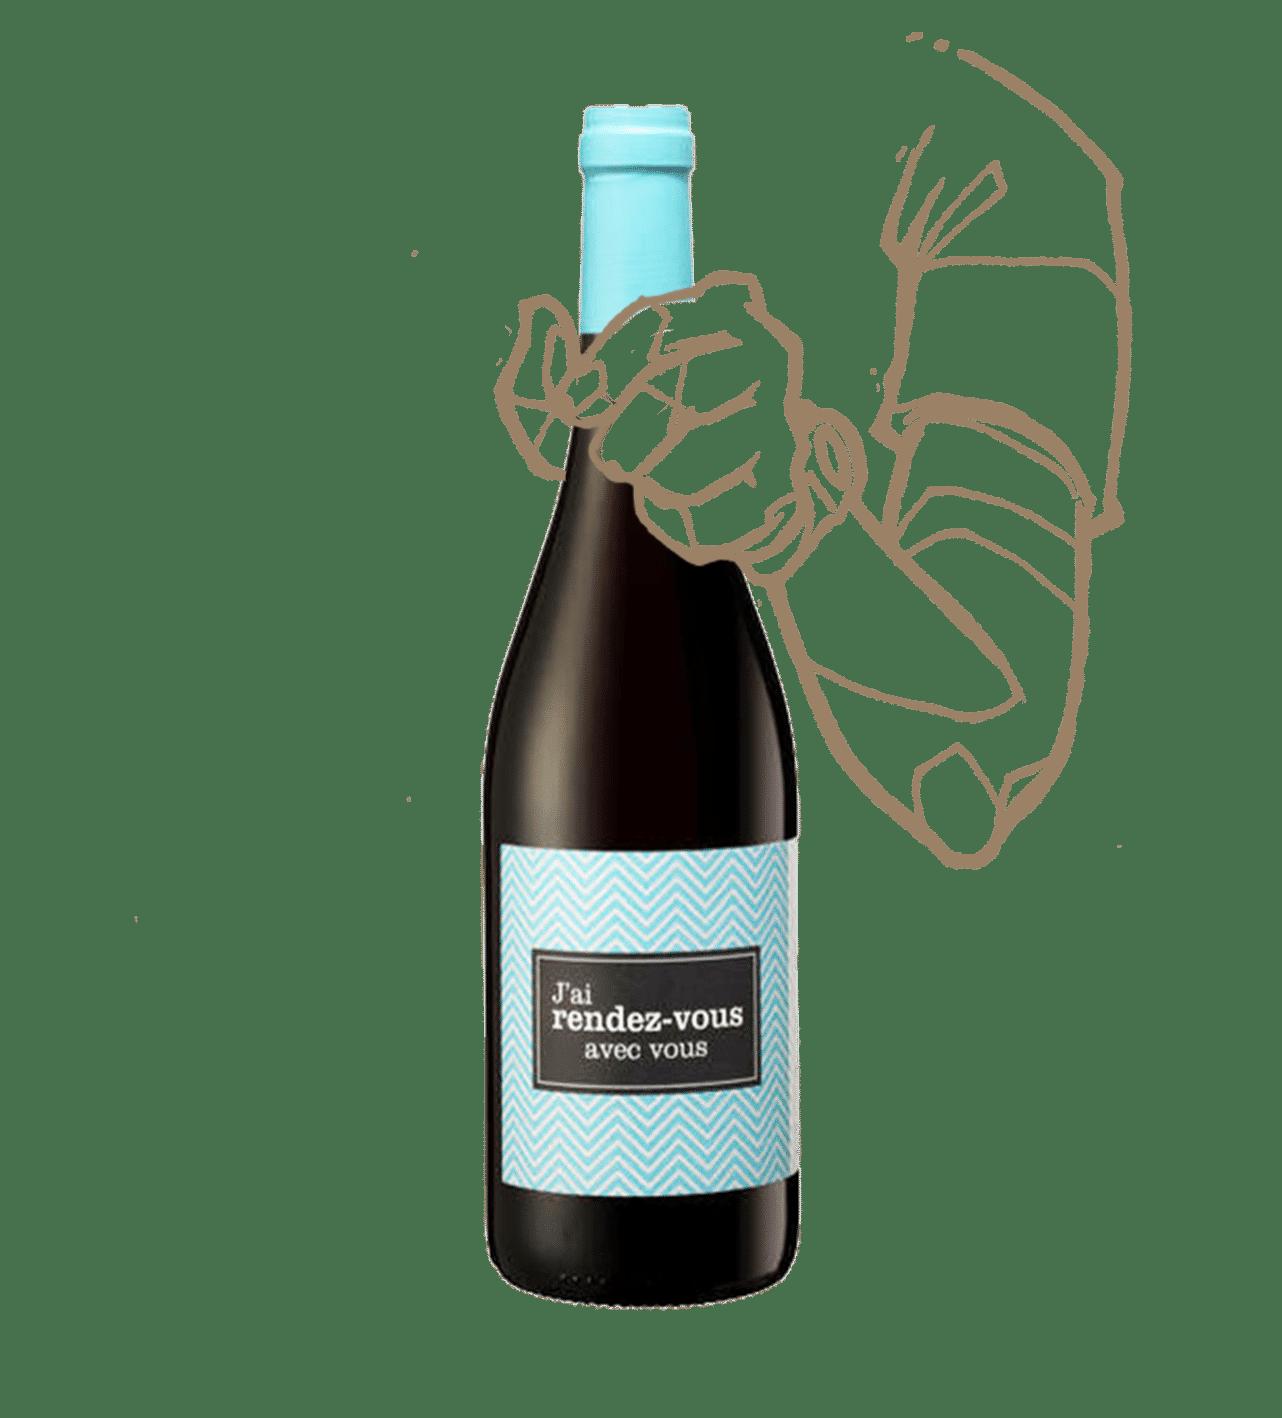 J'ai rendez-vous avec vous du domaine Rière cadène est un vin bio rouge pas cher.